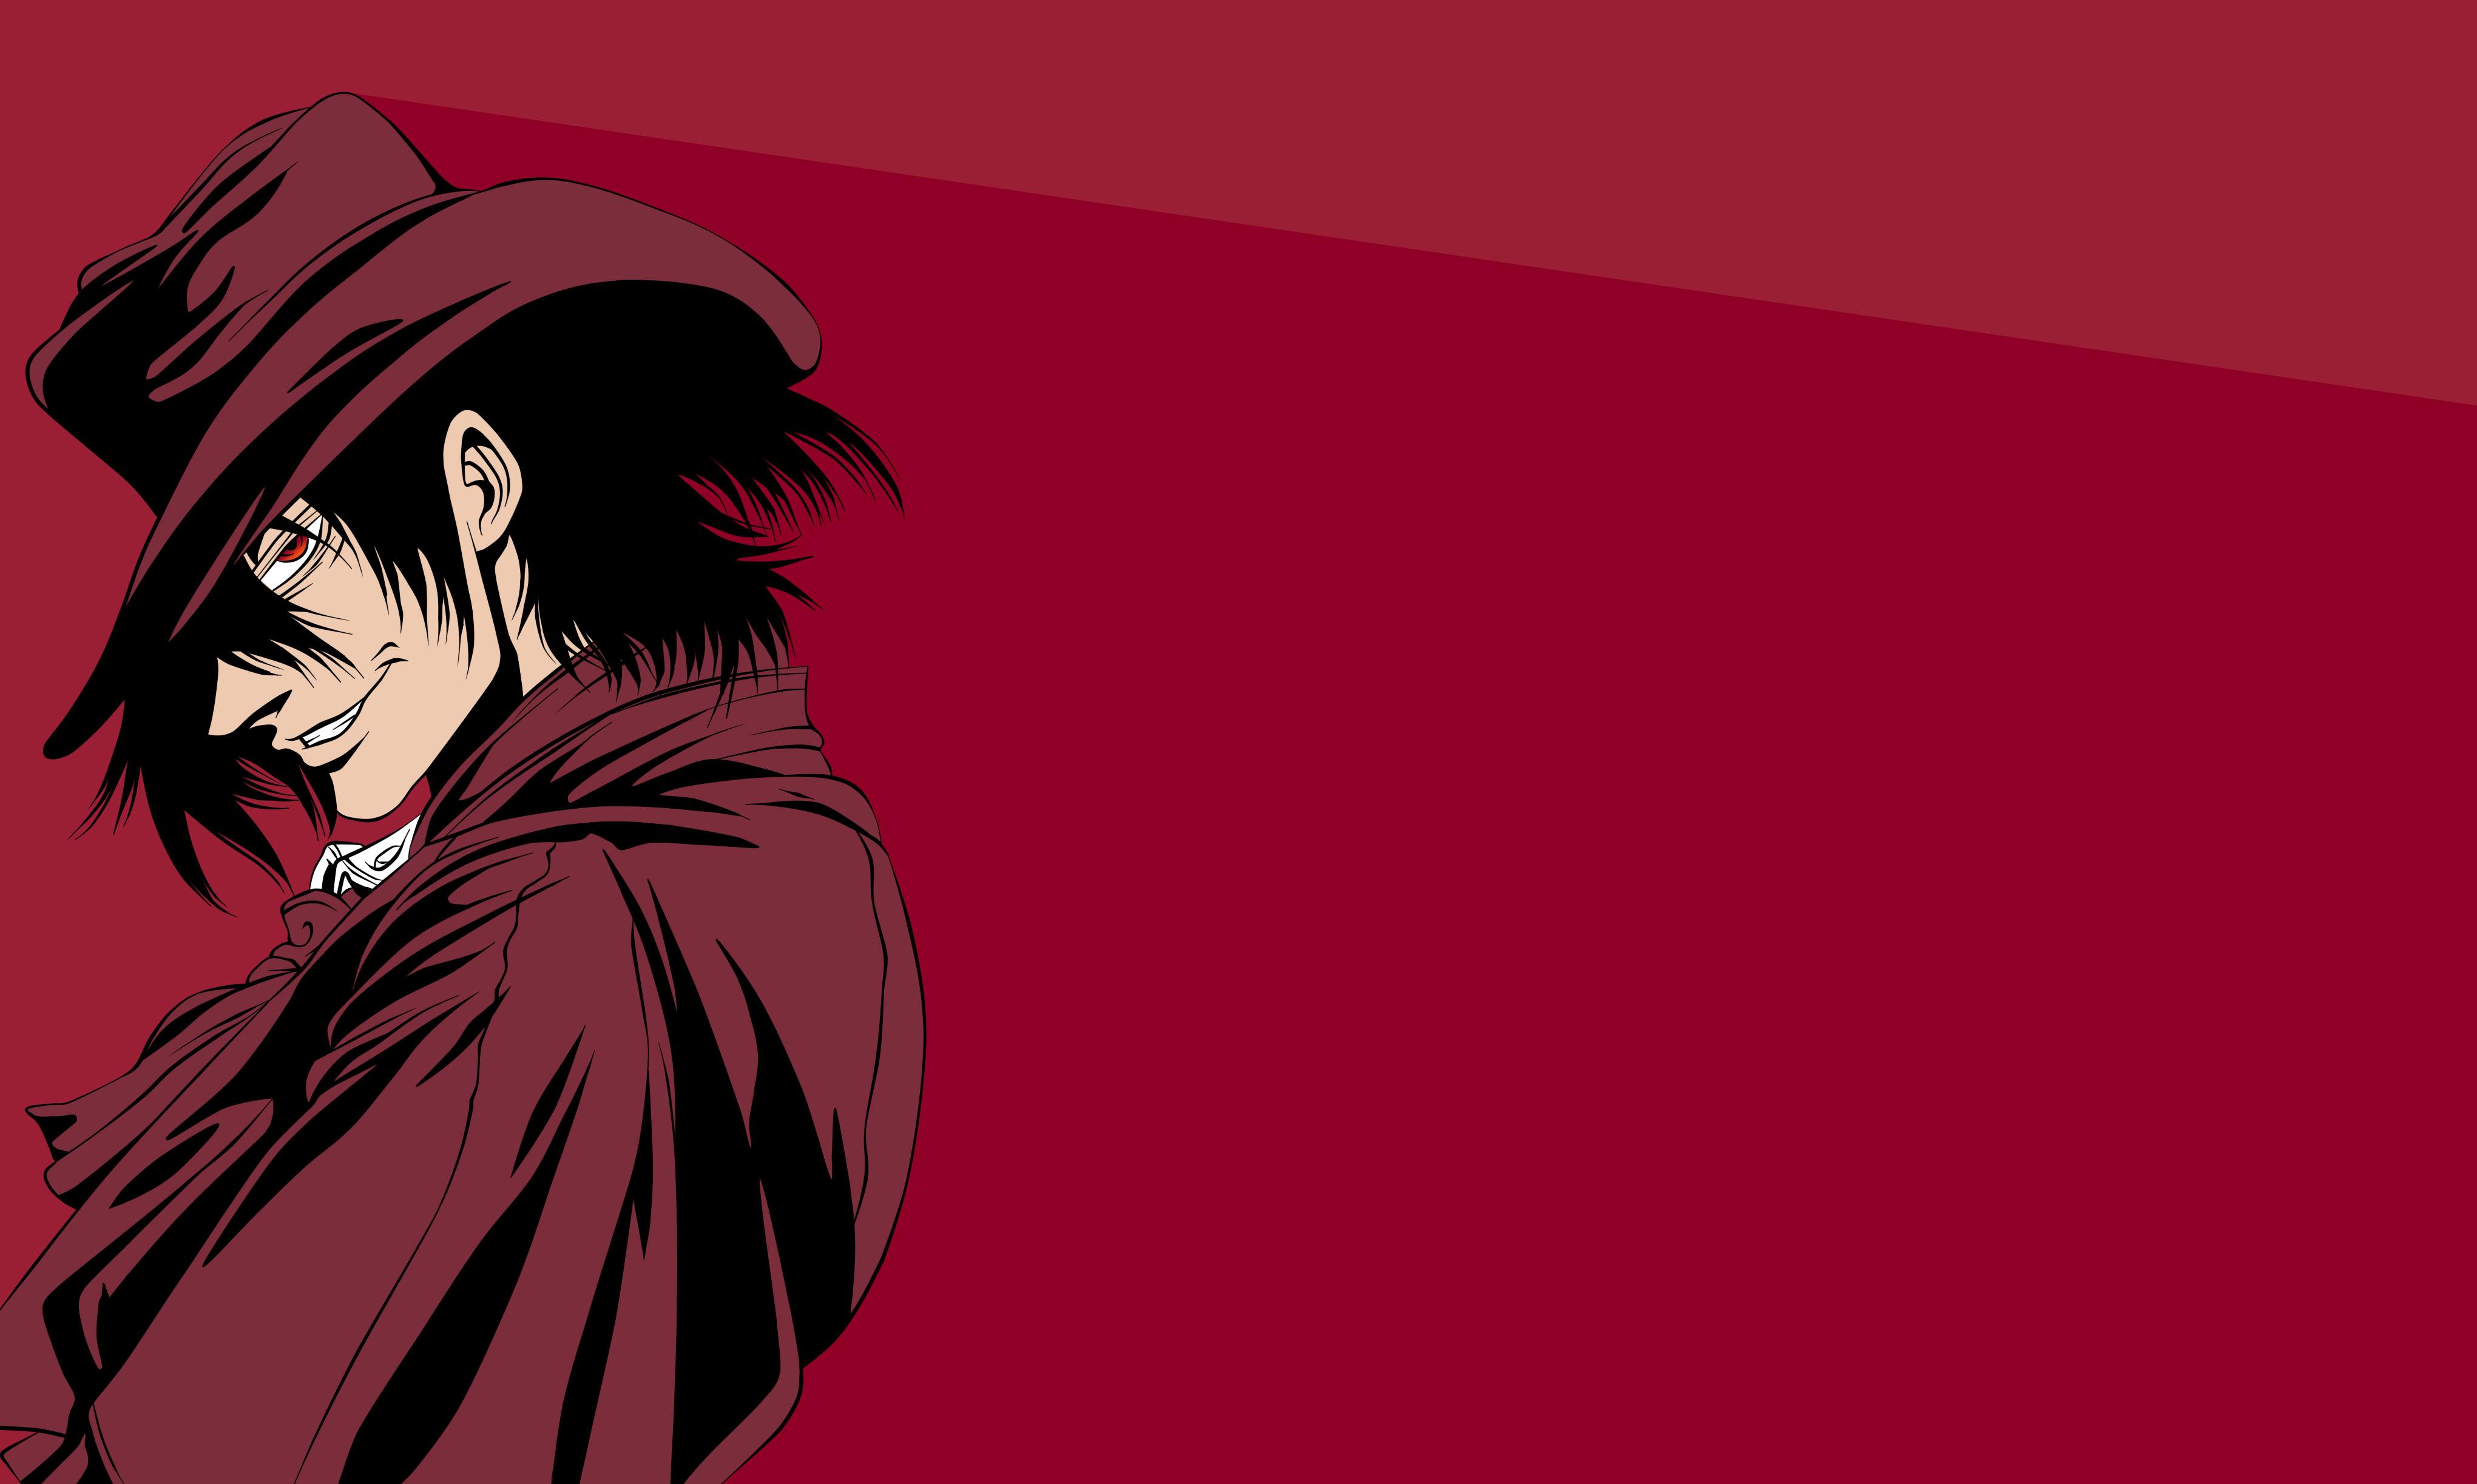 Alucard Pics alucard hellsing anime wallpaper, hd anime 4k wallpapers